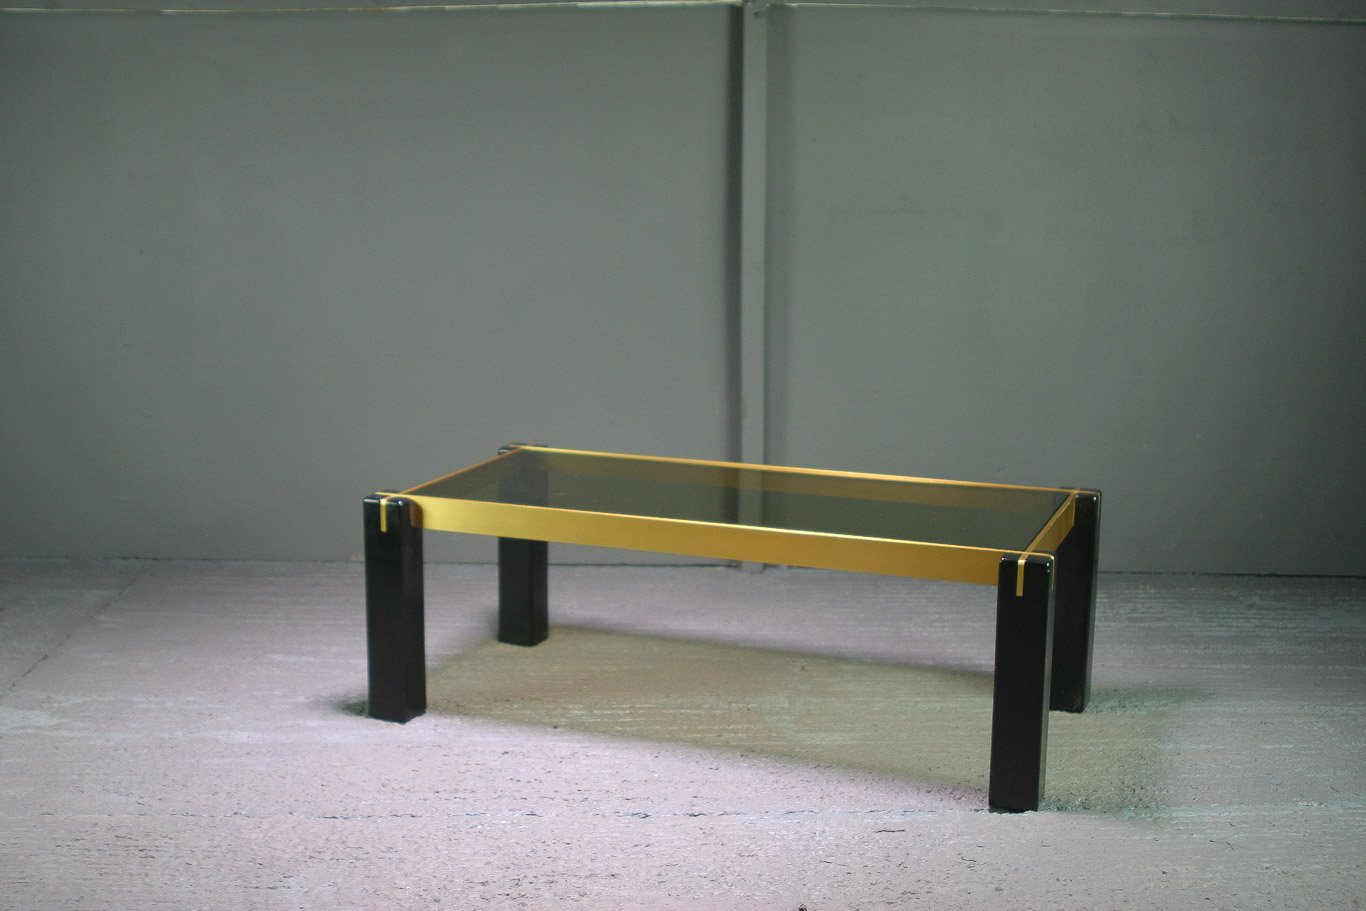 vintage couchtisch aus ebonisiertem glas vergoldetem metall bei pamono kaufen. Black Bedroom Furniture Sets. Home Design Ideas